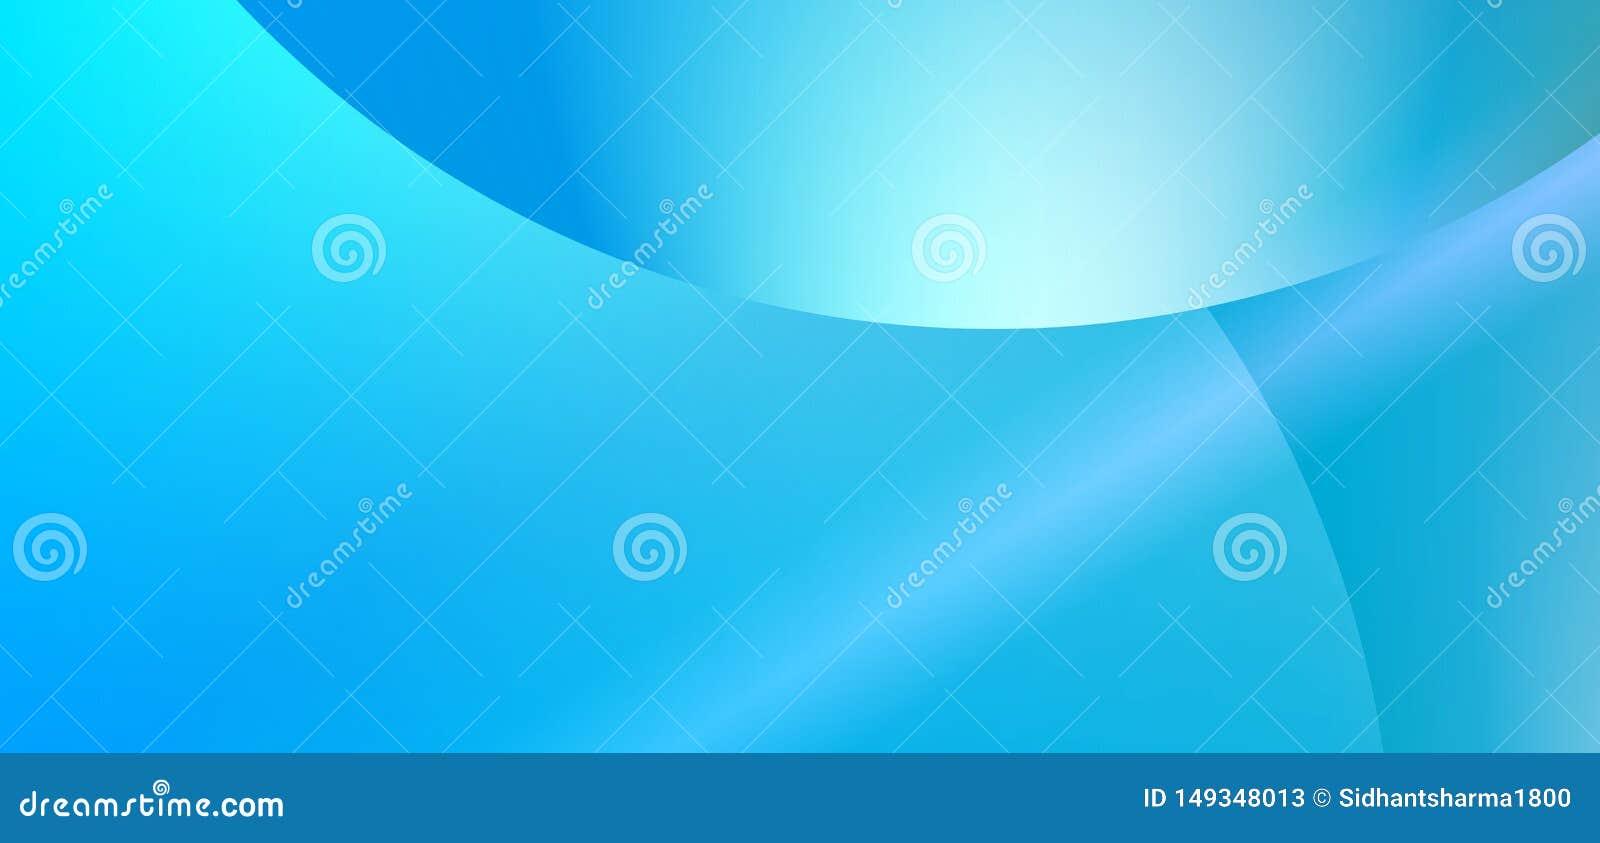 Bunte abstrakte Himmelblau-Farbstreifeneklipse reflektierte unscharfen Hintergrund